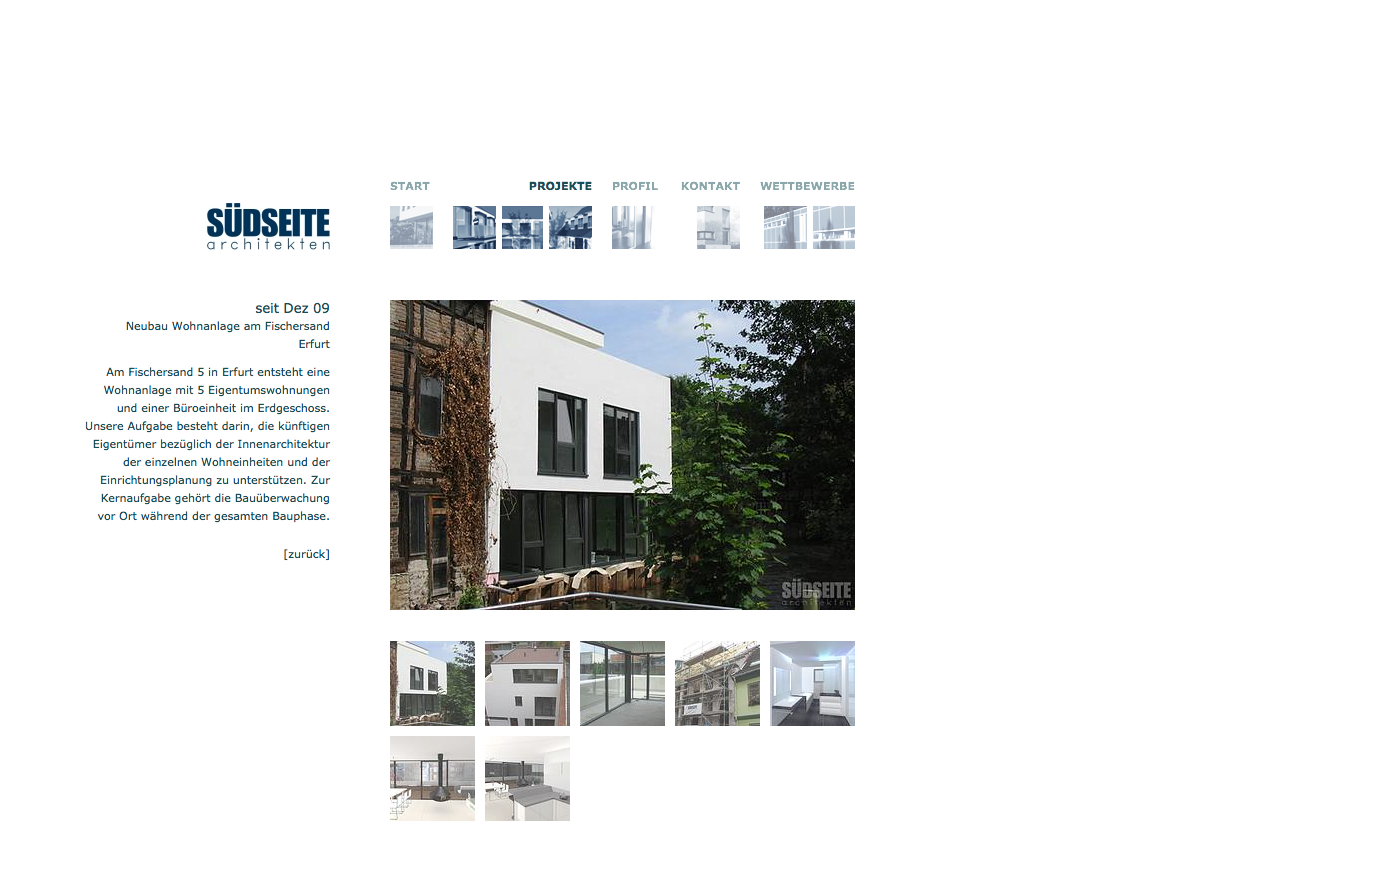 SÜDSEITE-architekten